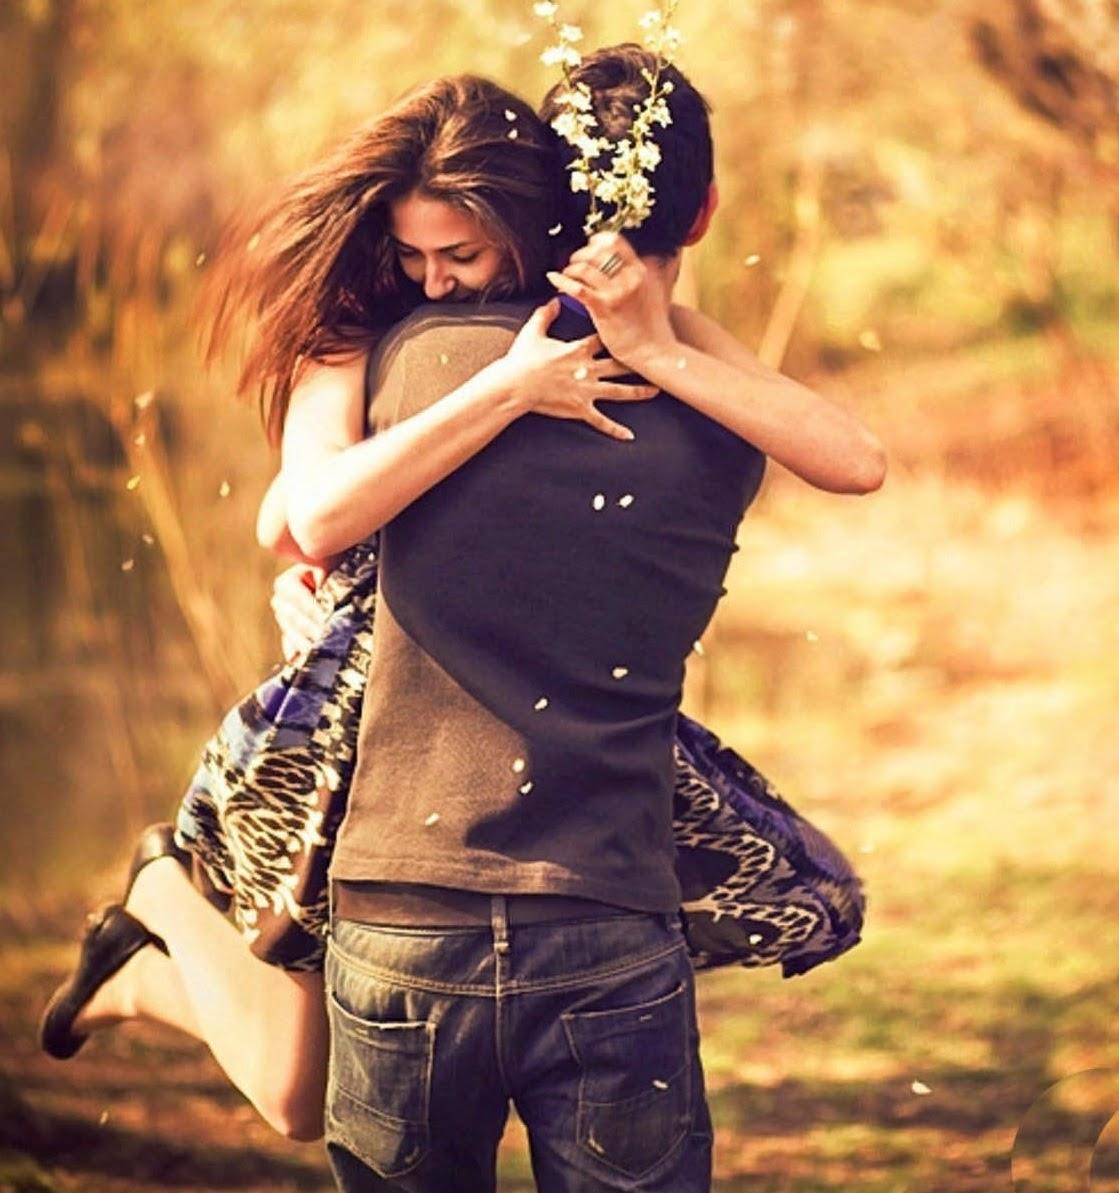 Фото на аву парней с девушкой